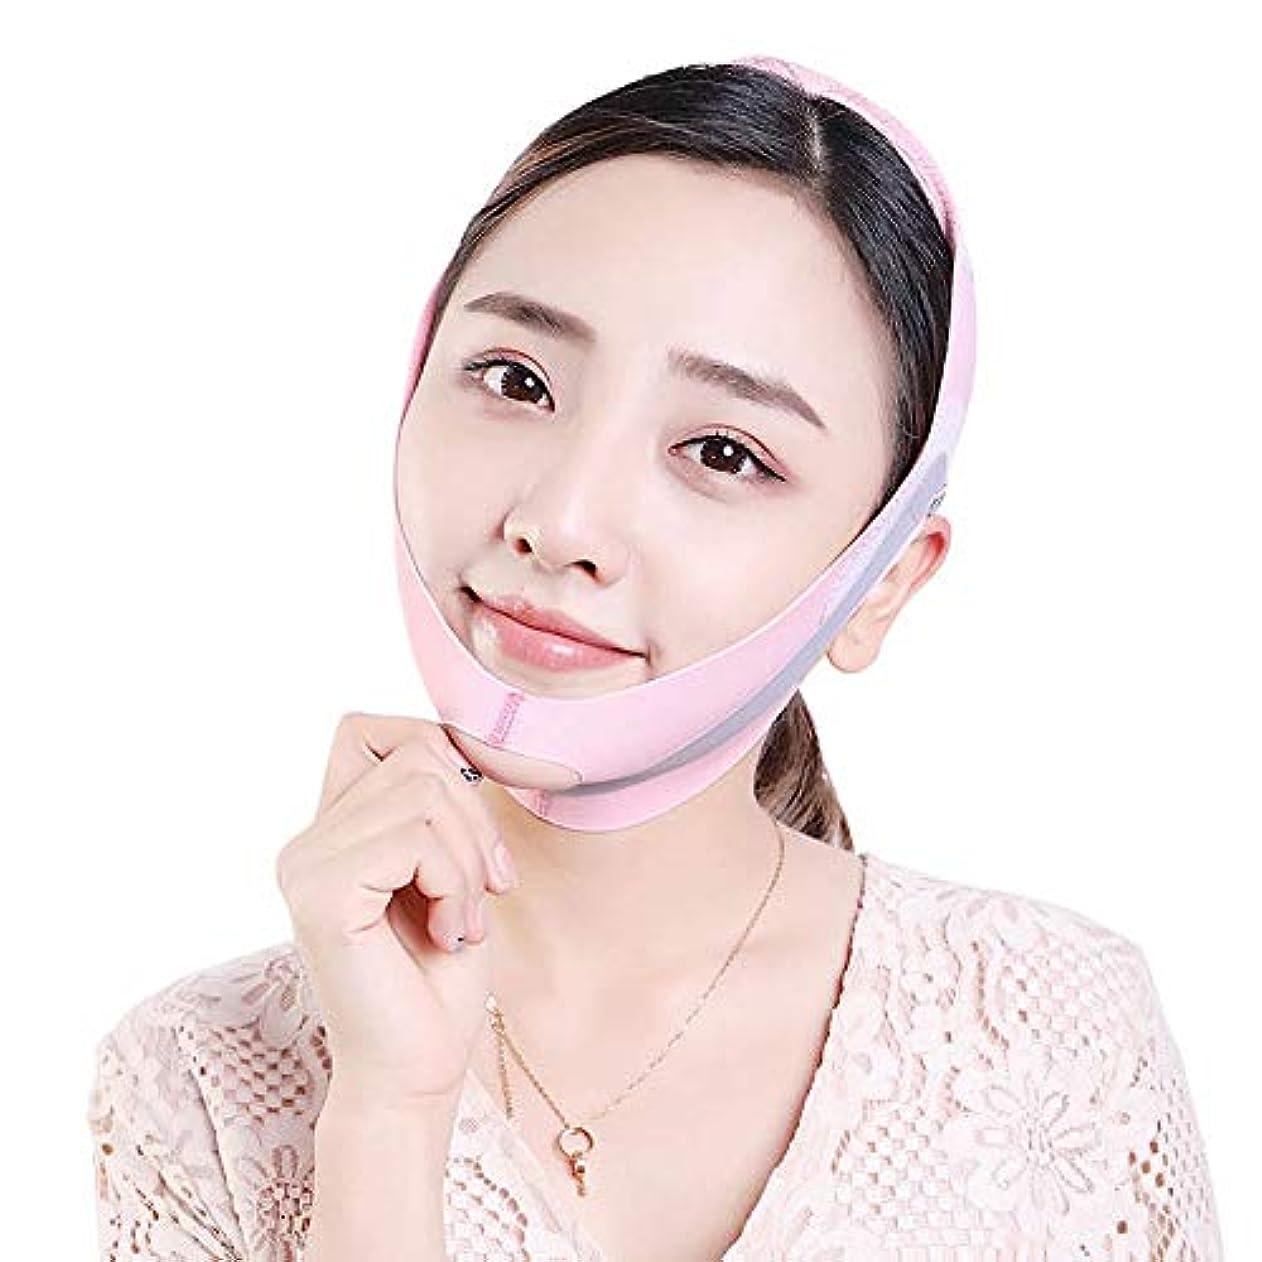 チキン復讐悪魔GYZ たるみを防ぐために顔を持ち上げるために筋肉を引き締めるために二重あごのステッカーとラインを削除するために、顔を持ち上げるアーティファクト包帯があります - ピンク Thin Face Belt